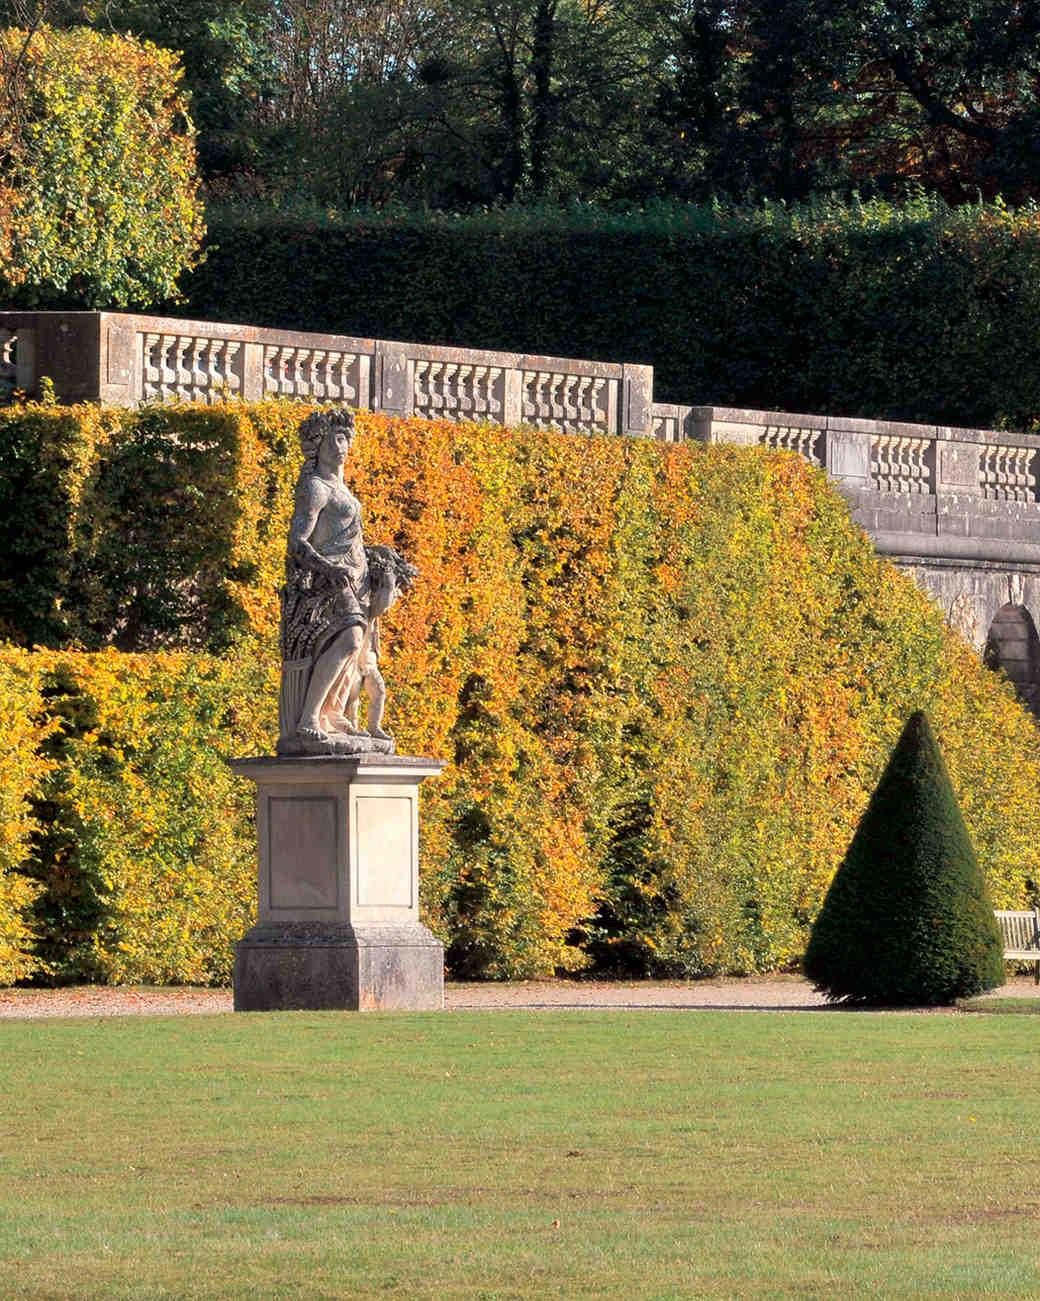 vaux-le-vicomte-chateau-grounds-0914.jpg